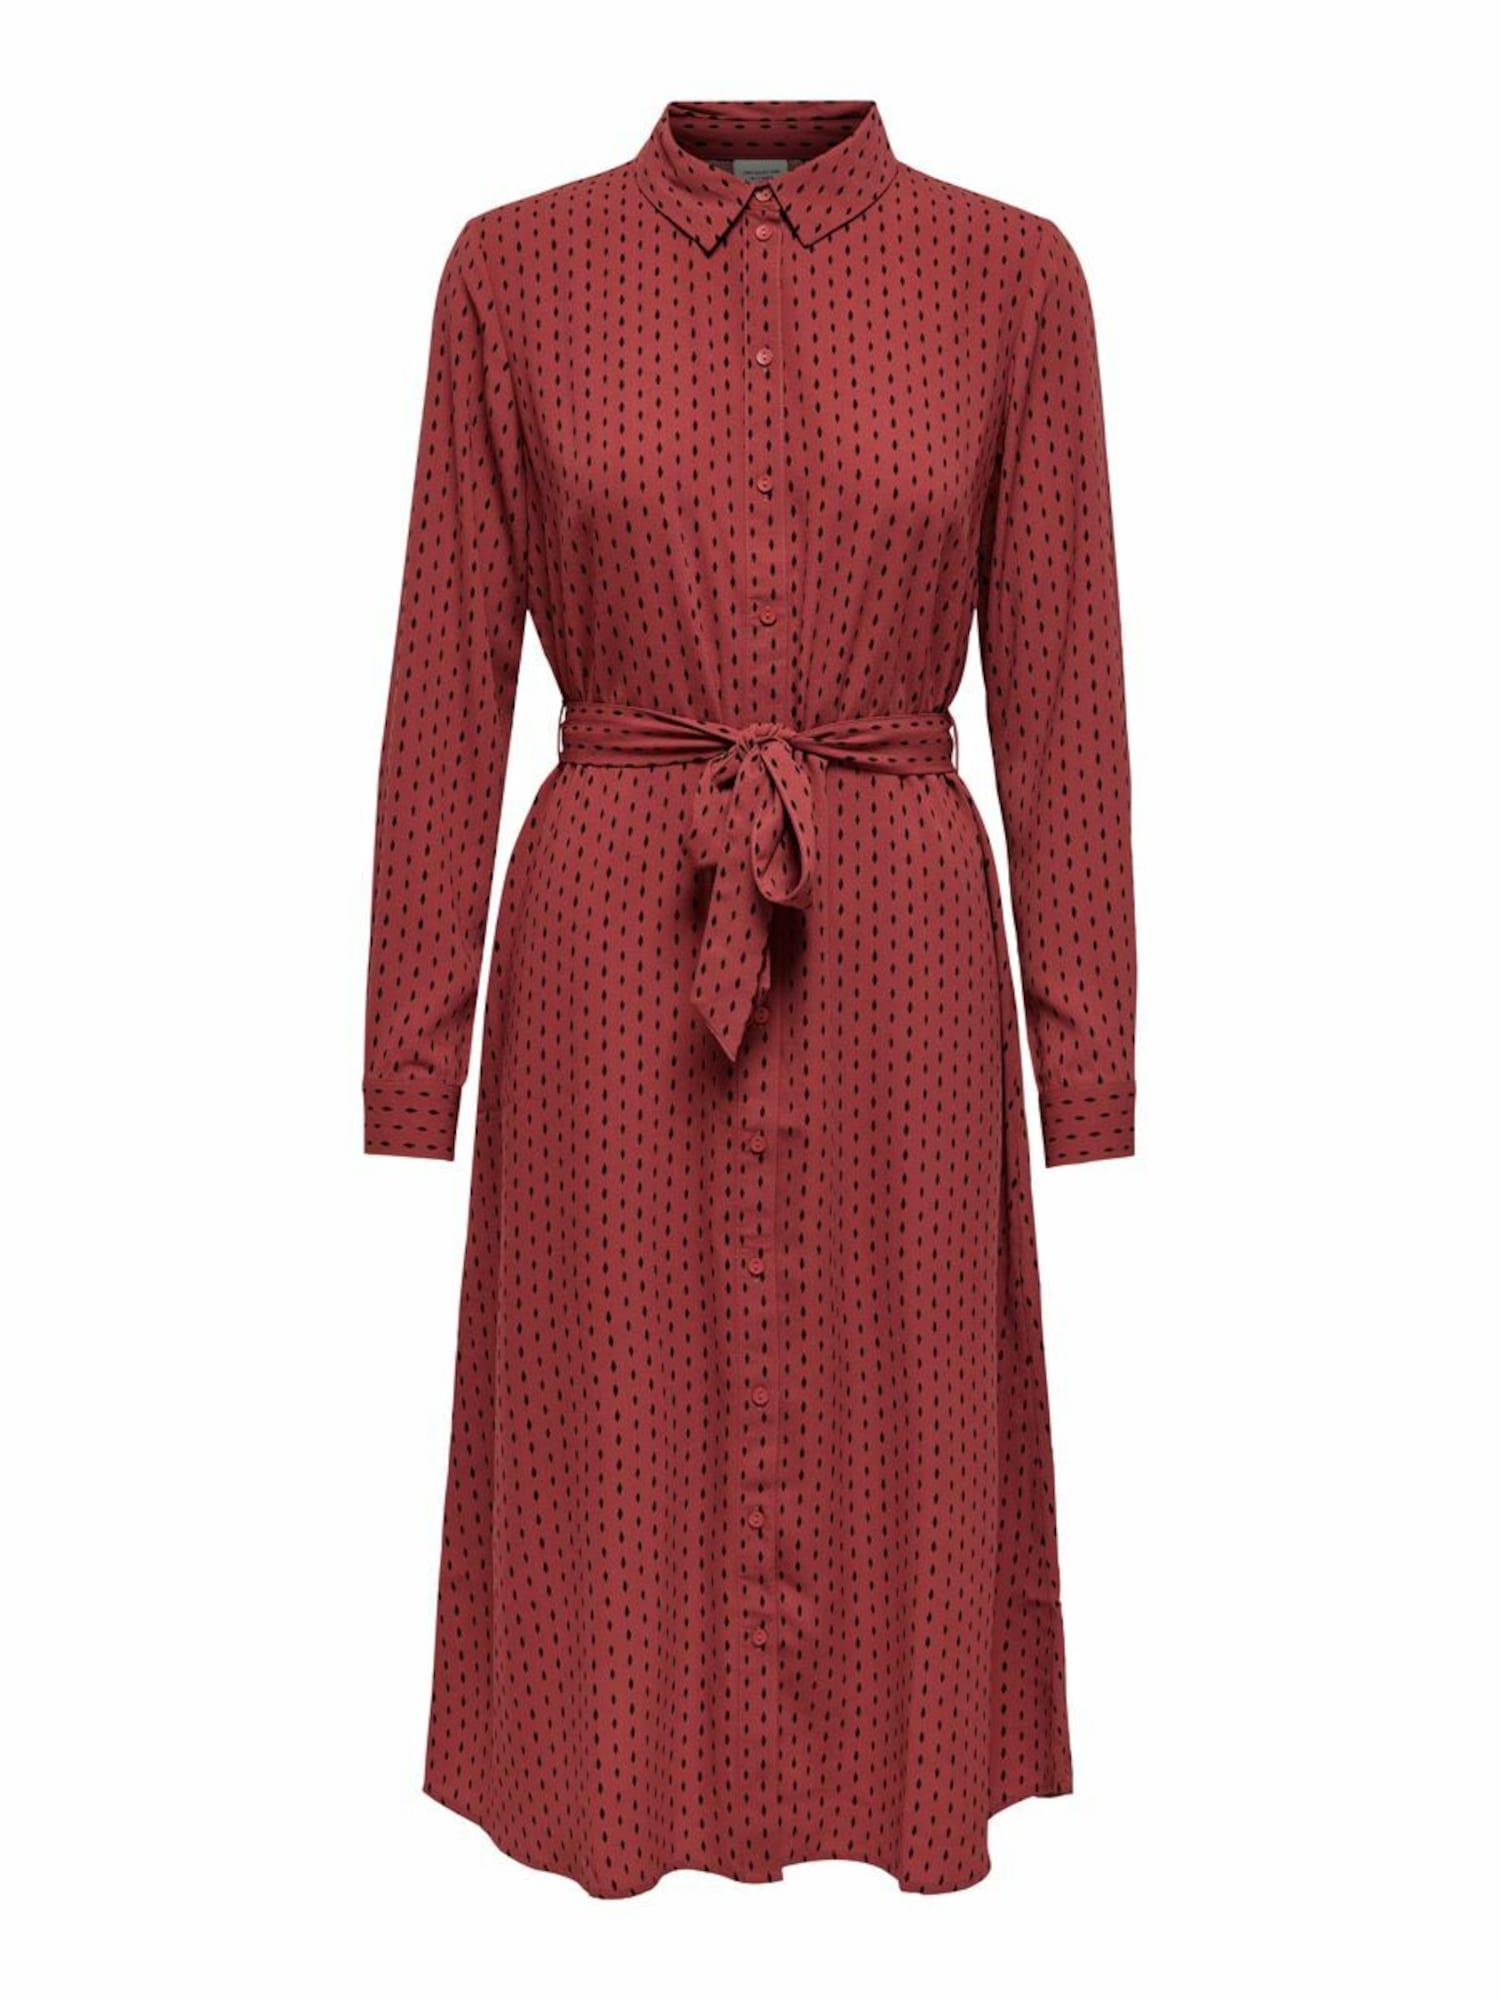 JACQUELINE de YONG Palaidinės tipo suknelė rūdžių raudona / juoda